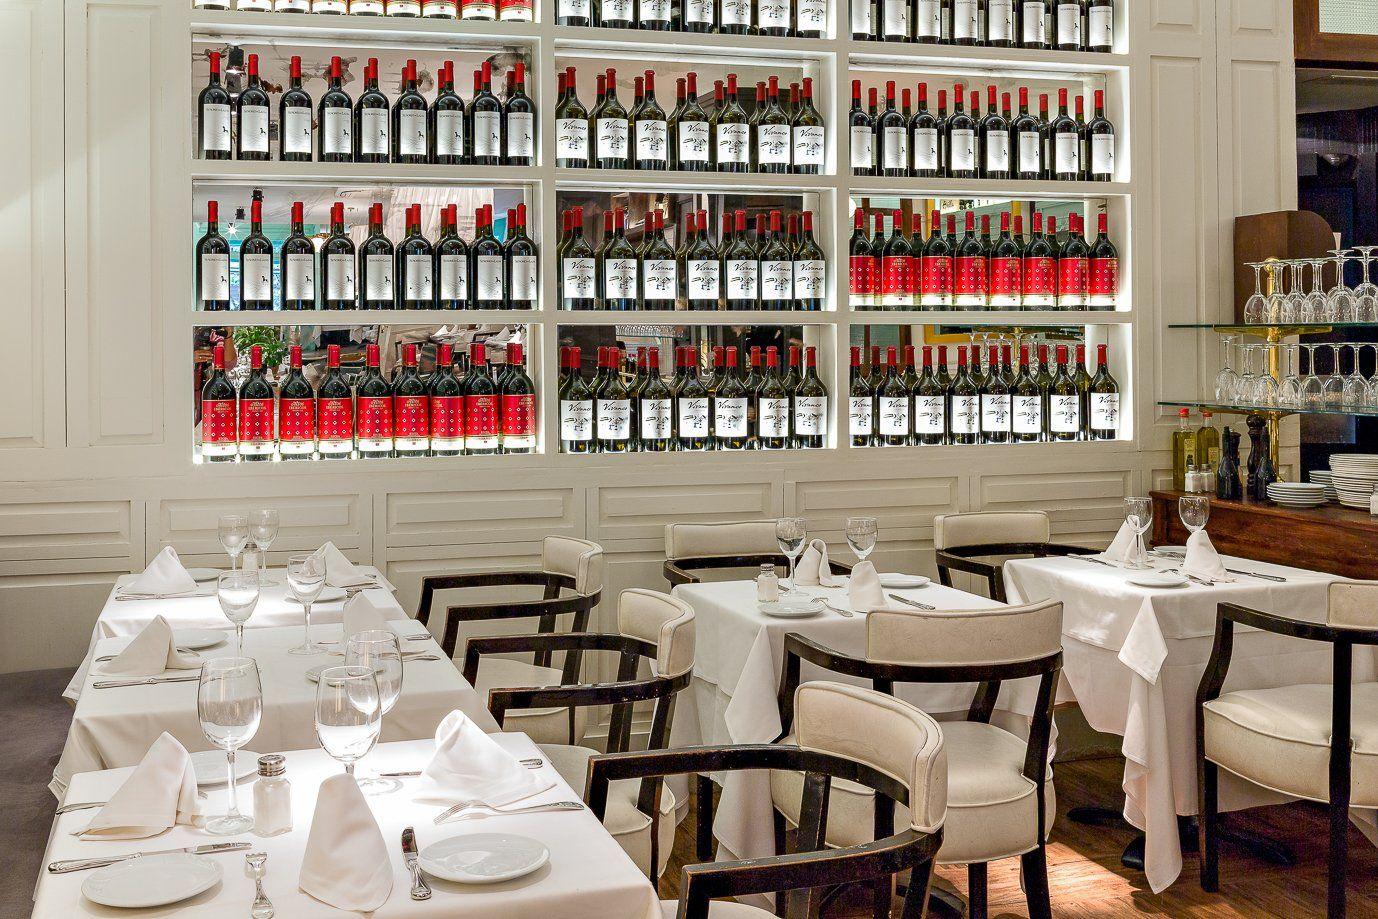 La Finca De Susana Madrid Consulta 1 422 Opiniones Sobre La Finca De Susana Con Puntuación 3 5 De 5 Y Clasificado En Tri Restaurantes Centro De Madrid Fincas